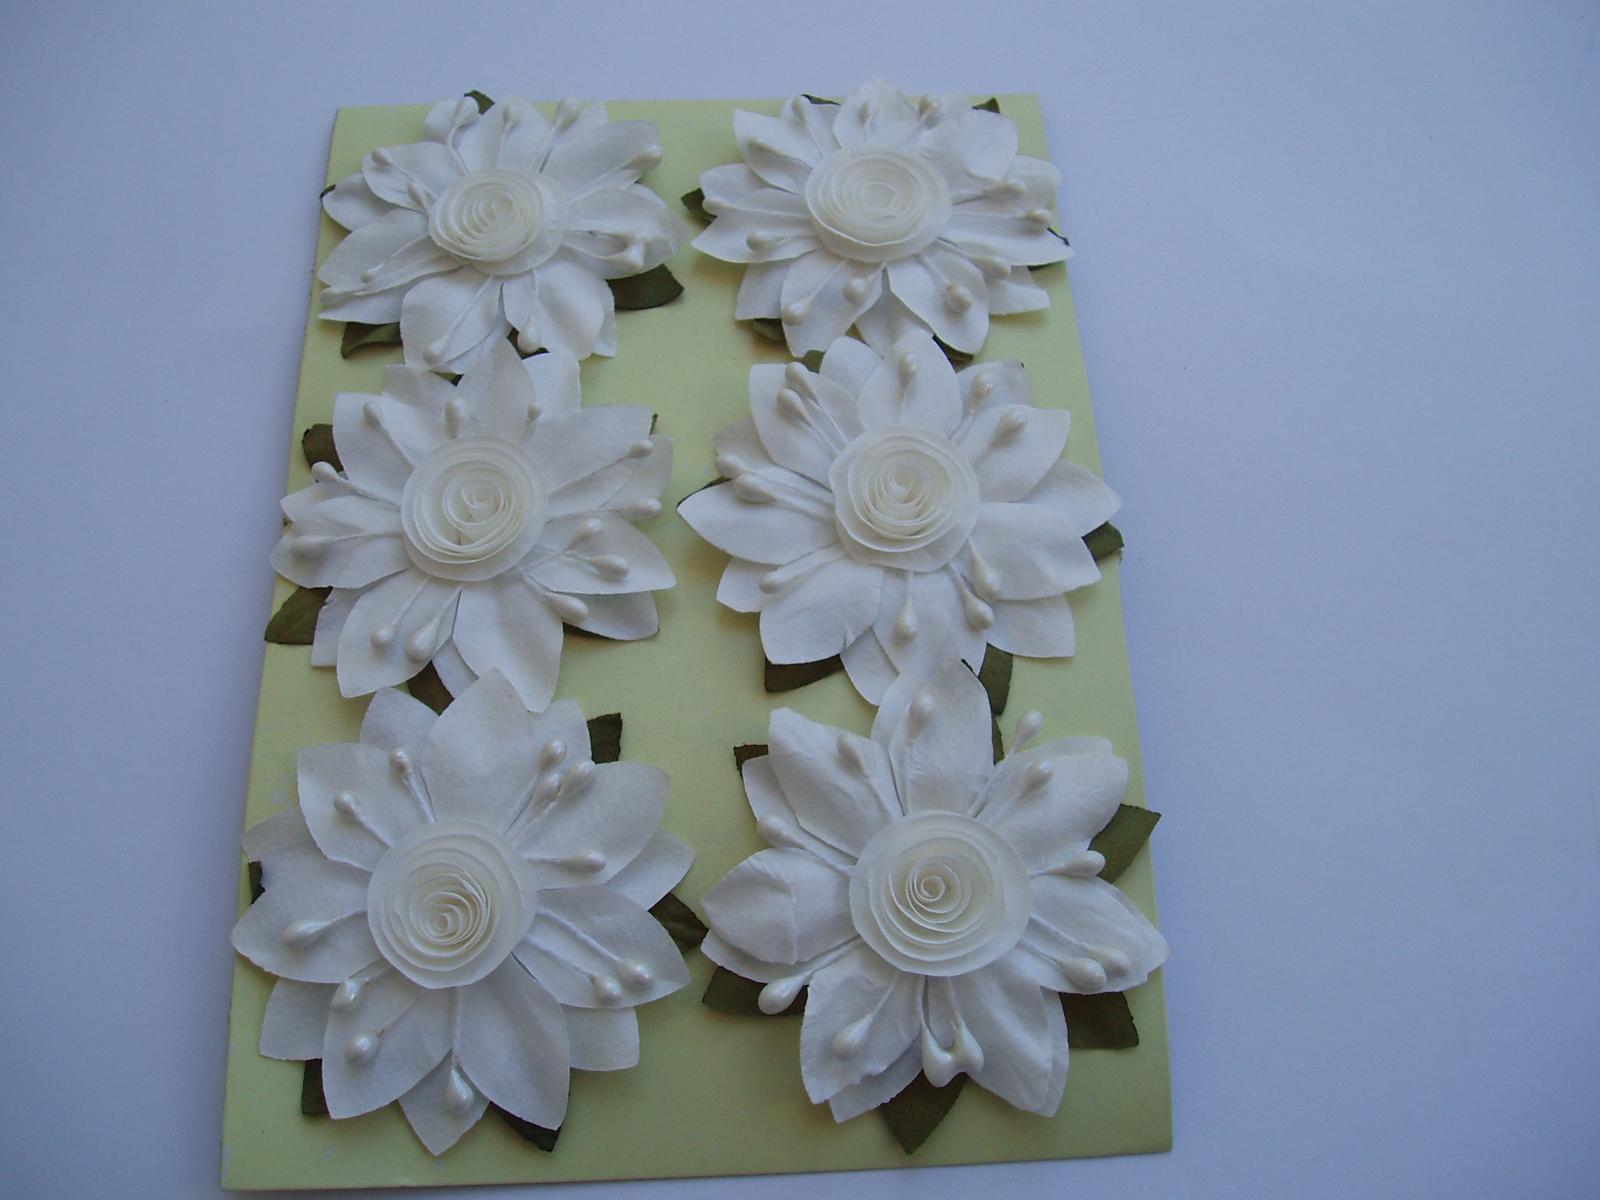 papírový květ na drátku-smetanový - Obrázek č. 1